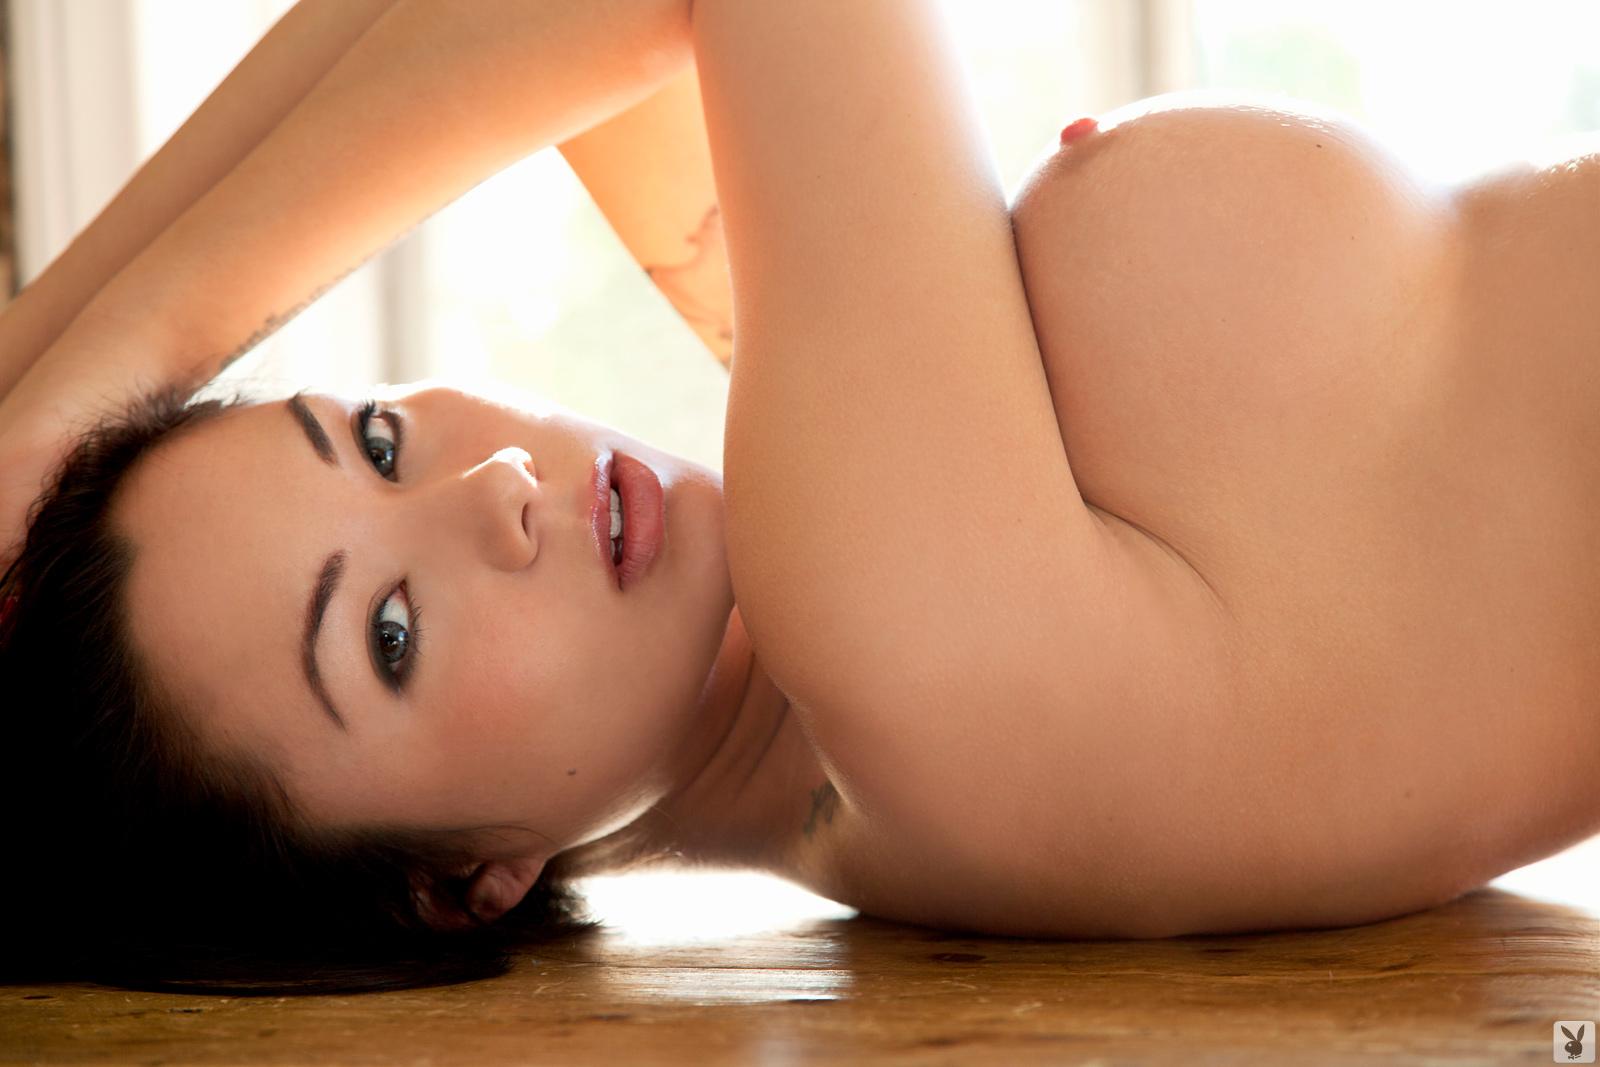 Zdjęcie porno - jennie reid   playboy plus original 004 - Brunetka z sylikonowymi cycami